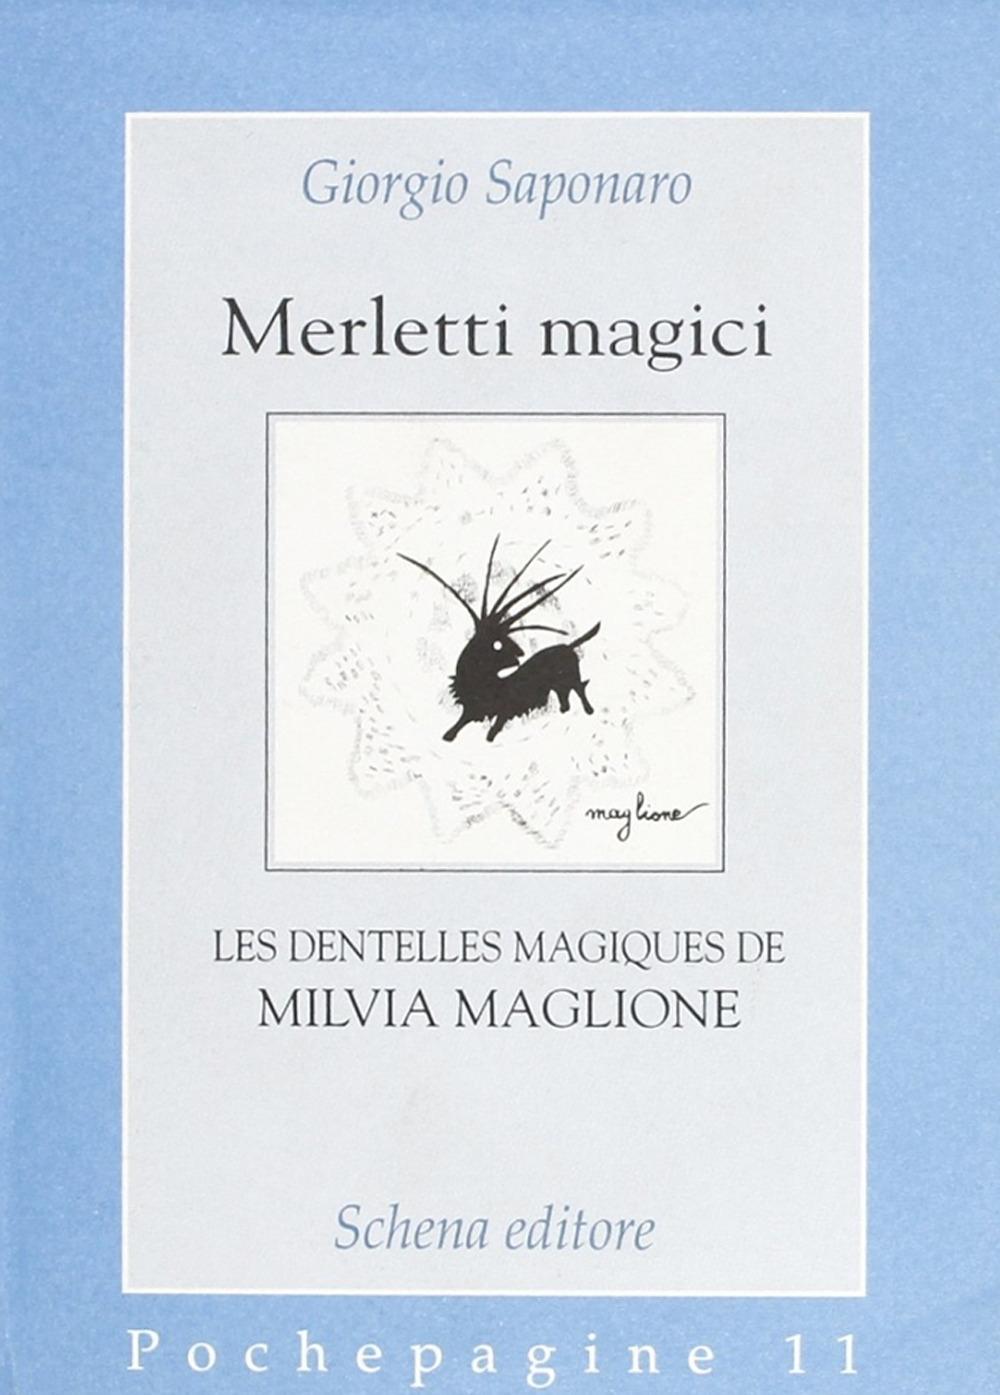 Merletti magici. Les dentelles magiques de Milvia Maglione.